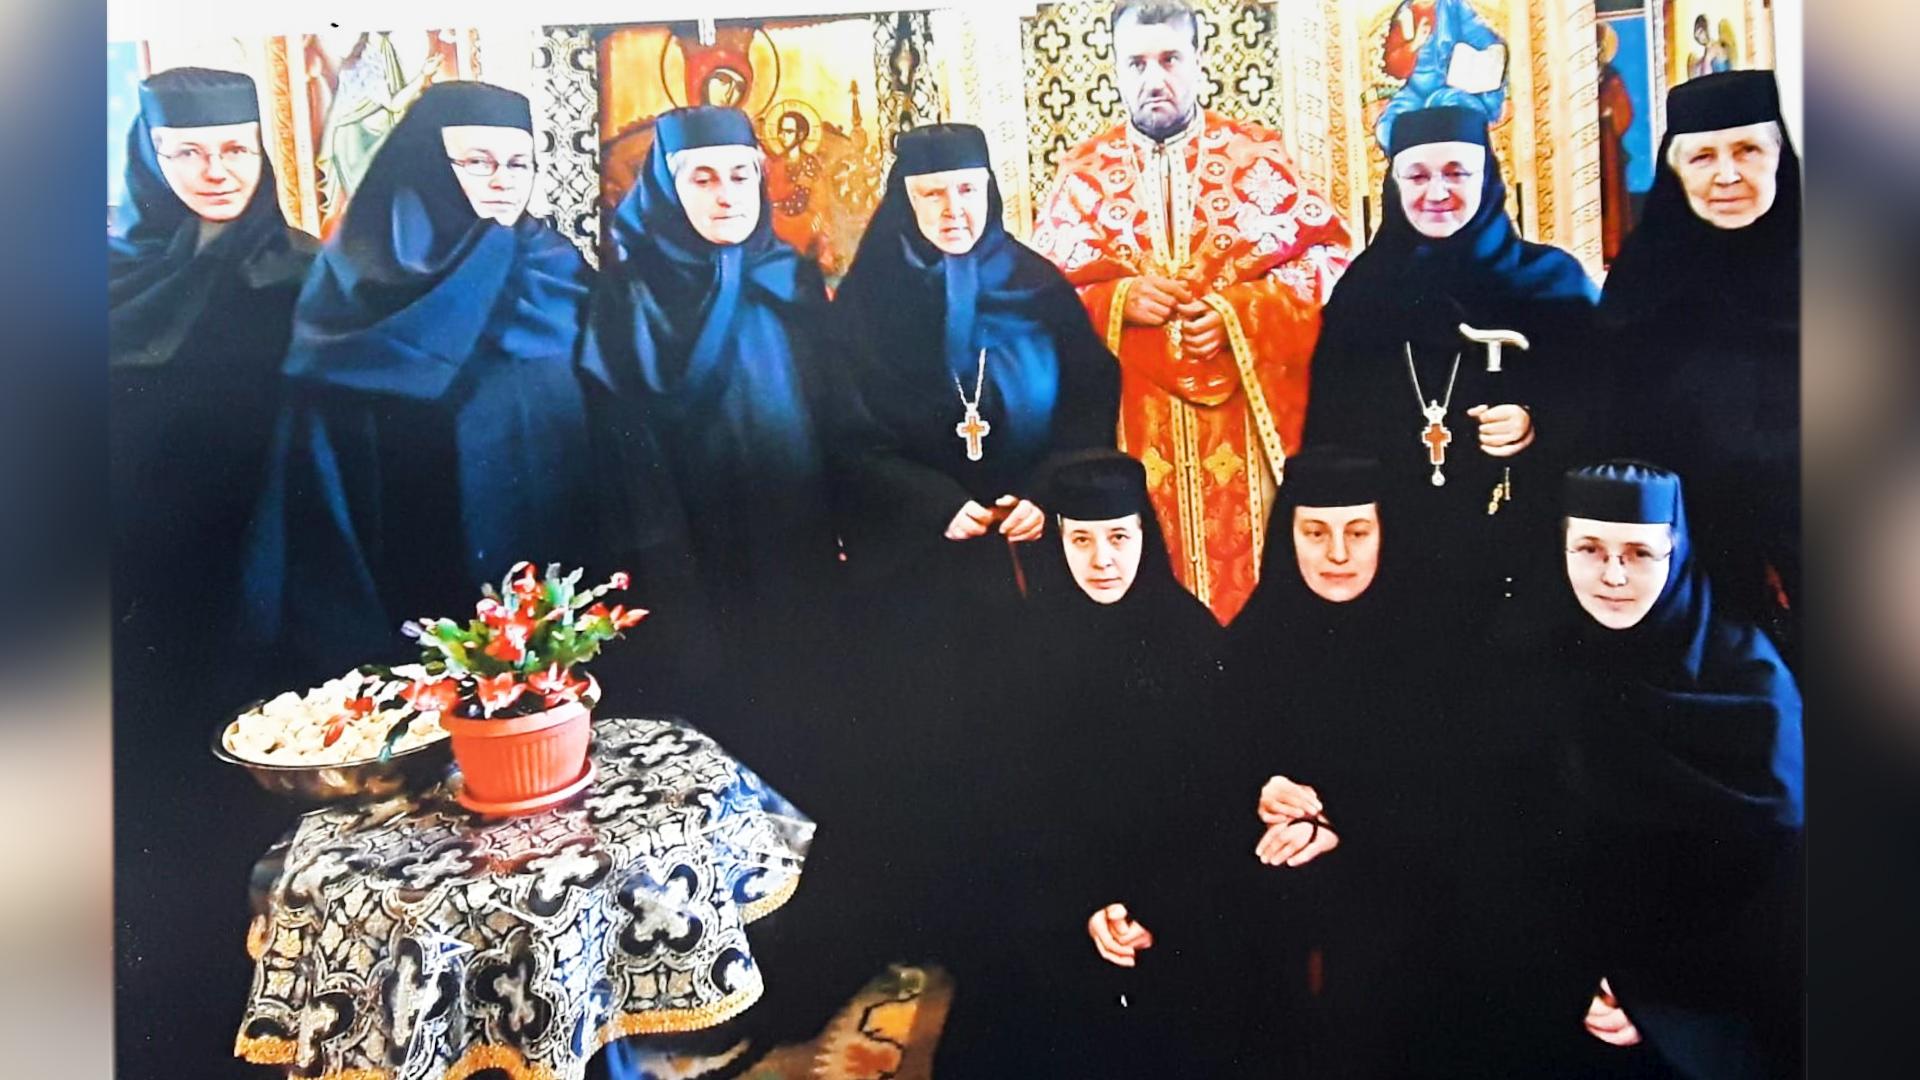 Fotografie cu obștea Mănăstirii Voroneț. Cele două stravrofore sunt maica stareță Gabriela și maica Irina, fosta stareță